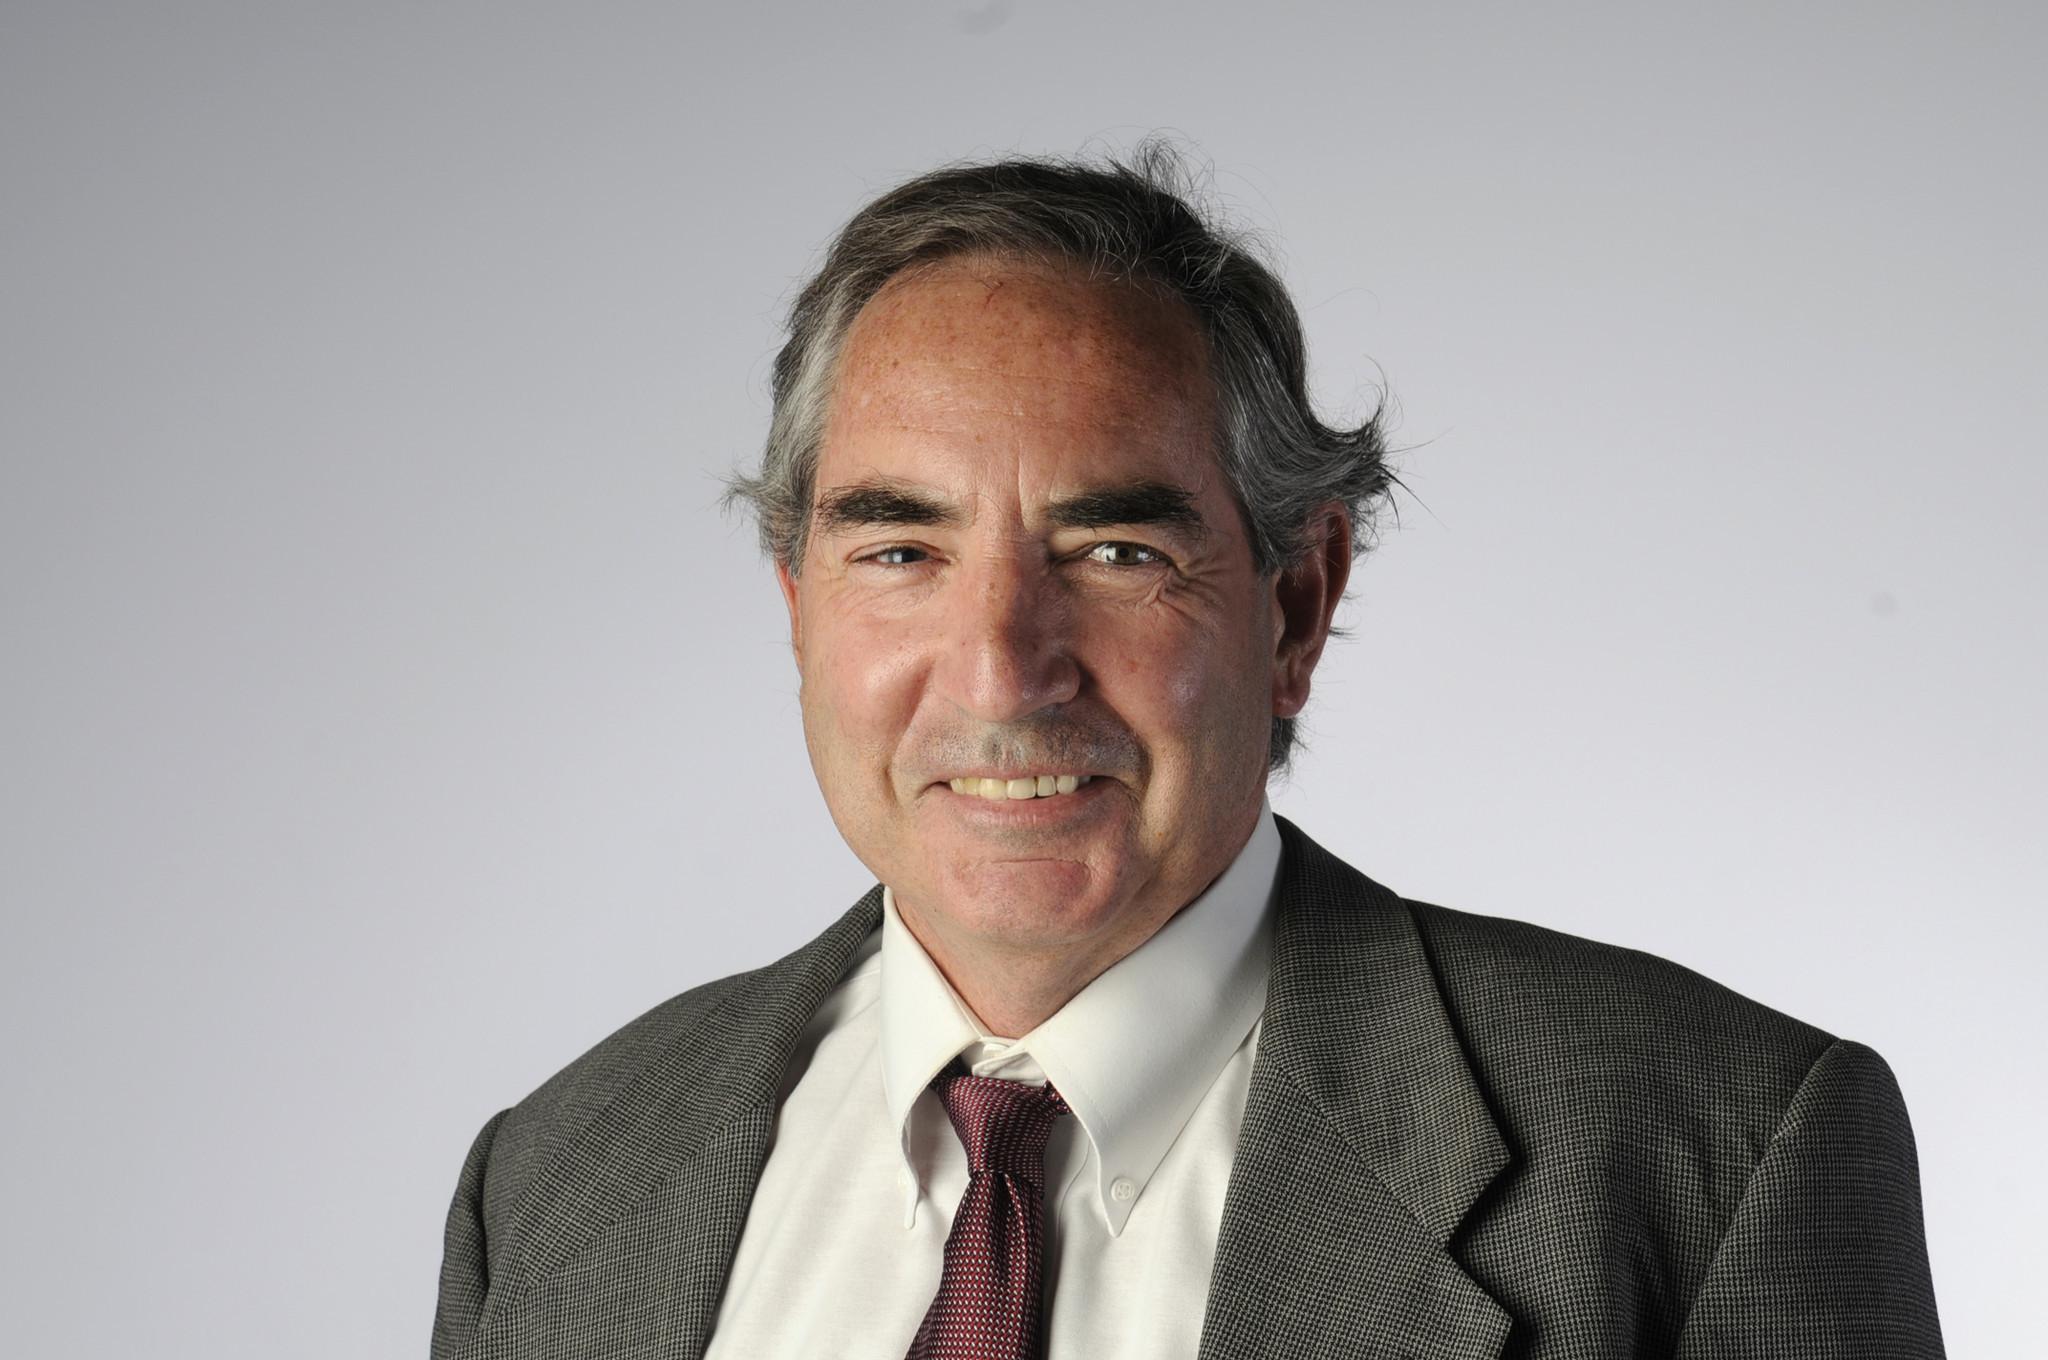 Edmund Mahony